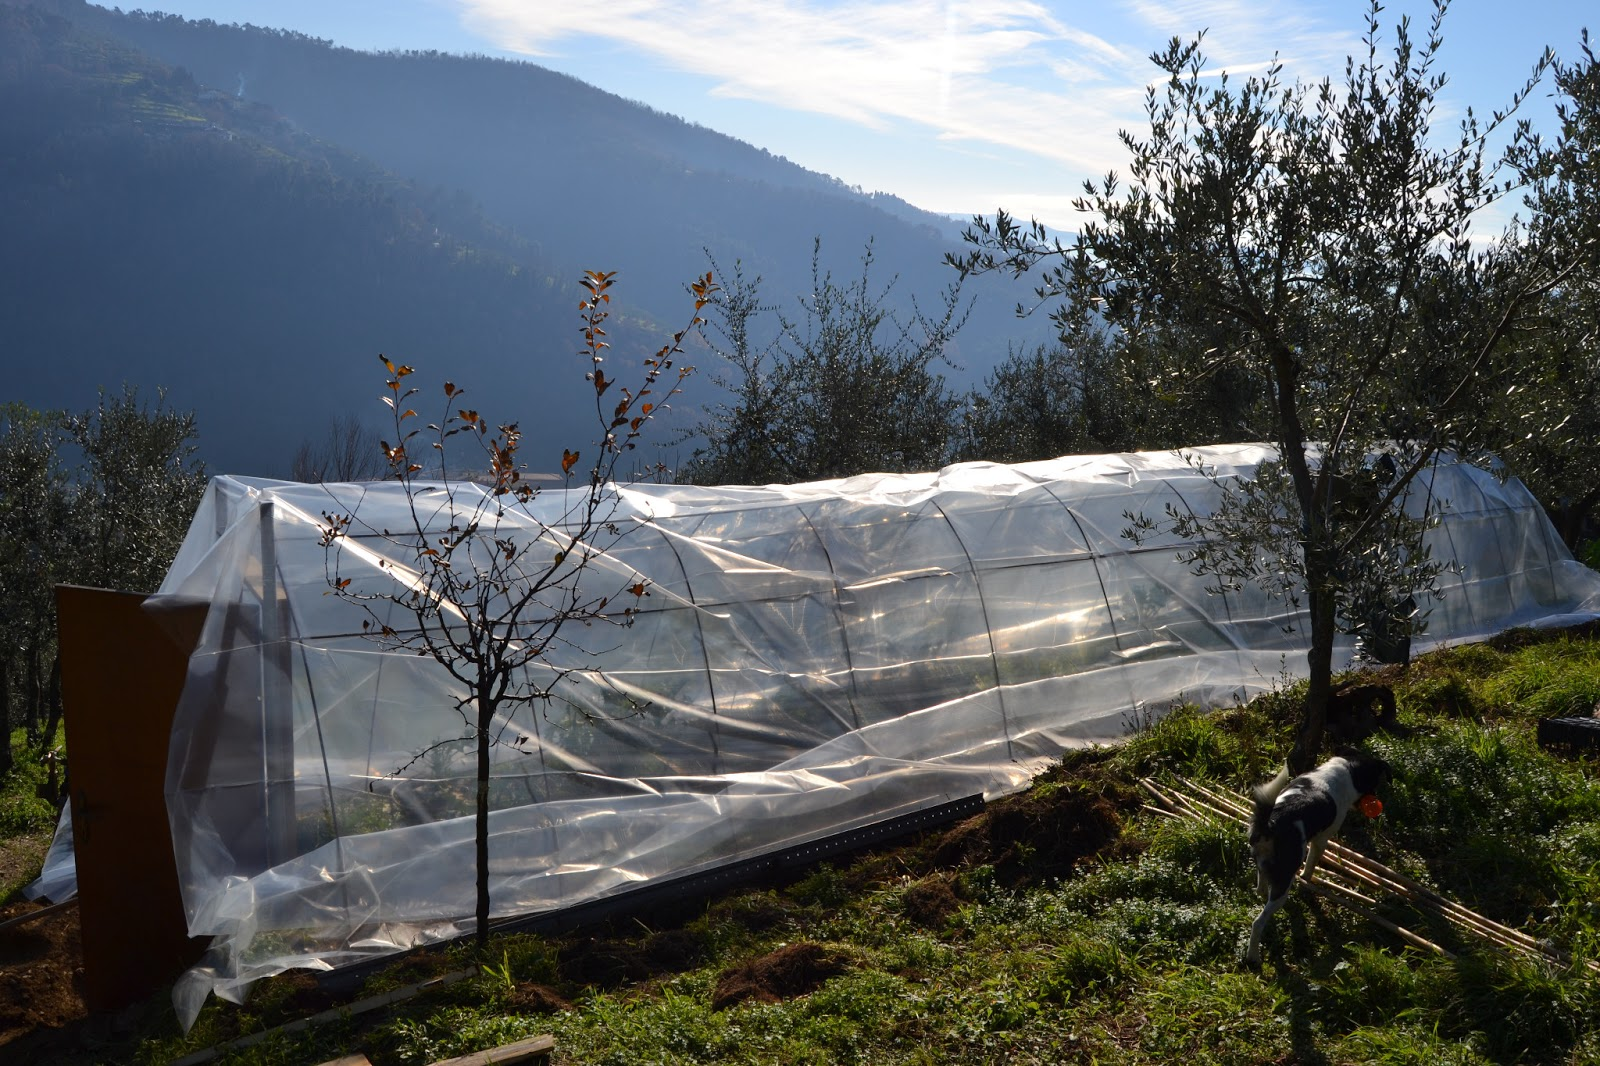 I sogni di harlock costruire una serra nel campo con poco - Costruire una serra in casa ...